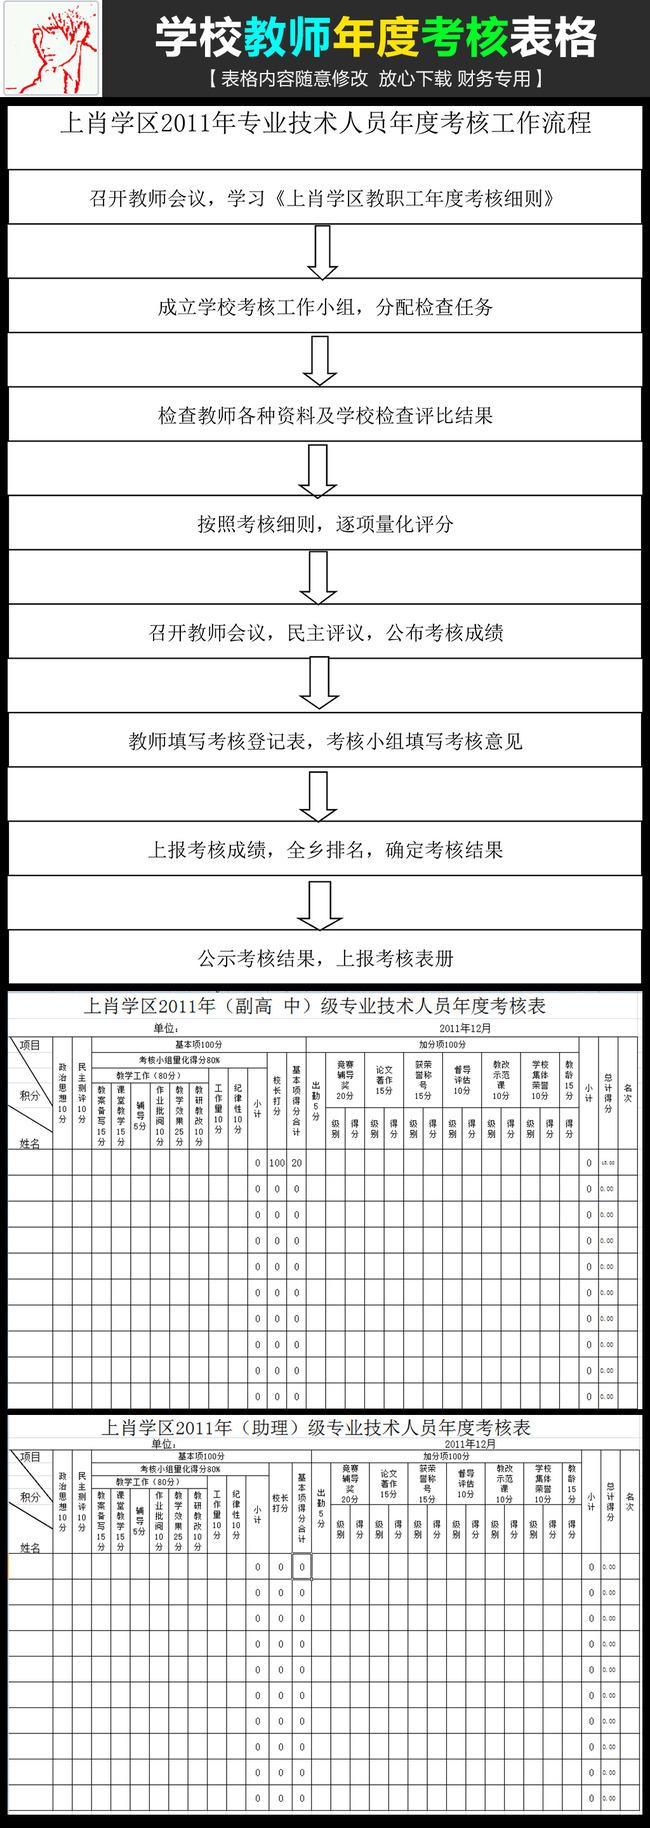 学校单位教师老师年度考核报表模板下载(图片编号:)